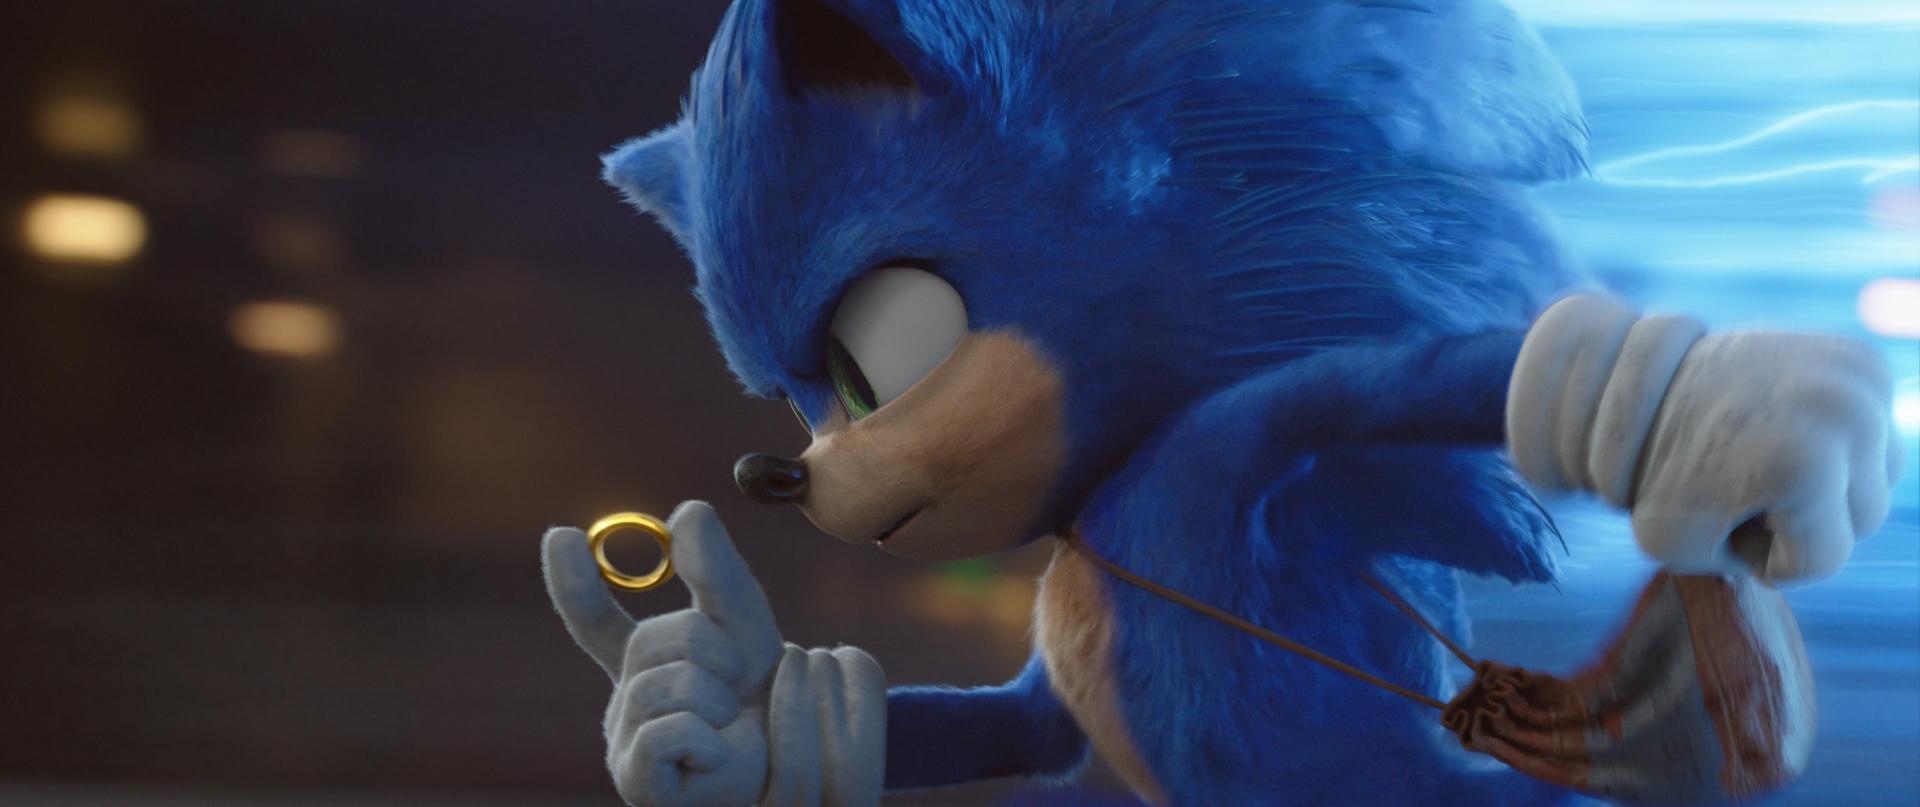 Tips på familjefilm: Sonic the Hedgehog